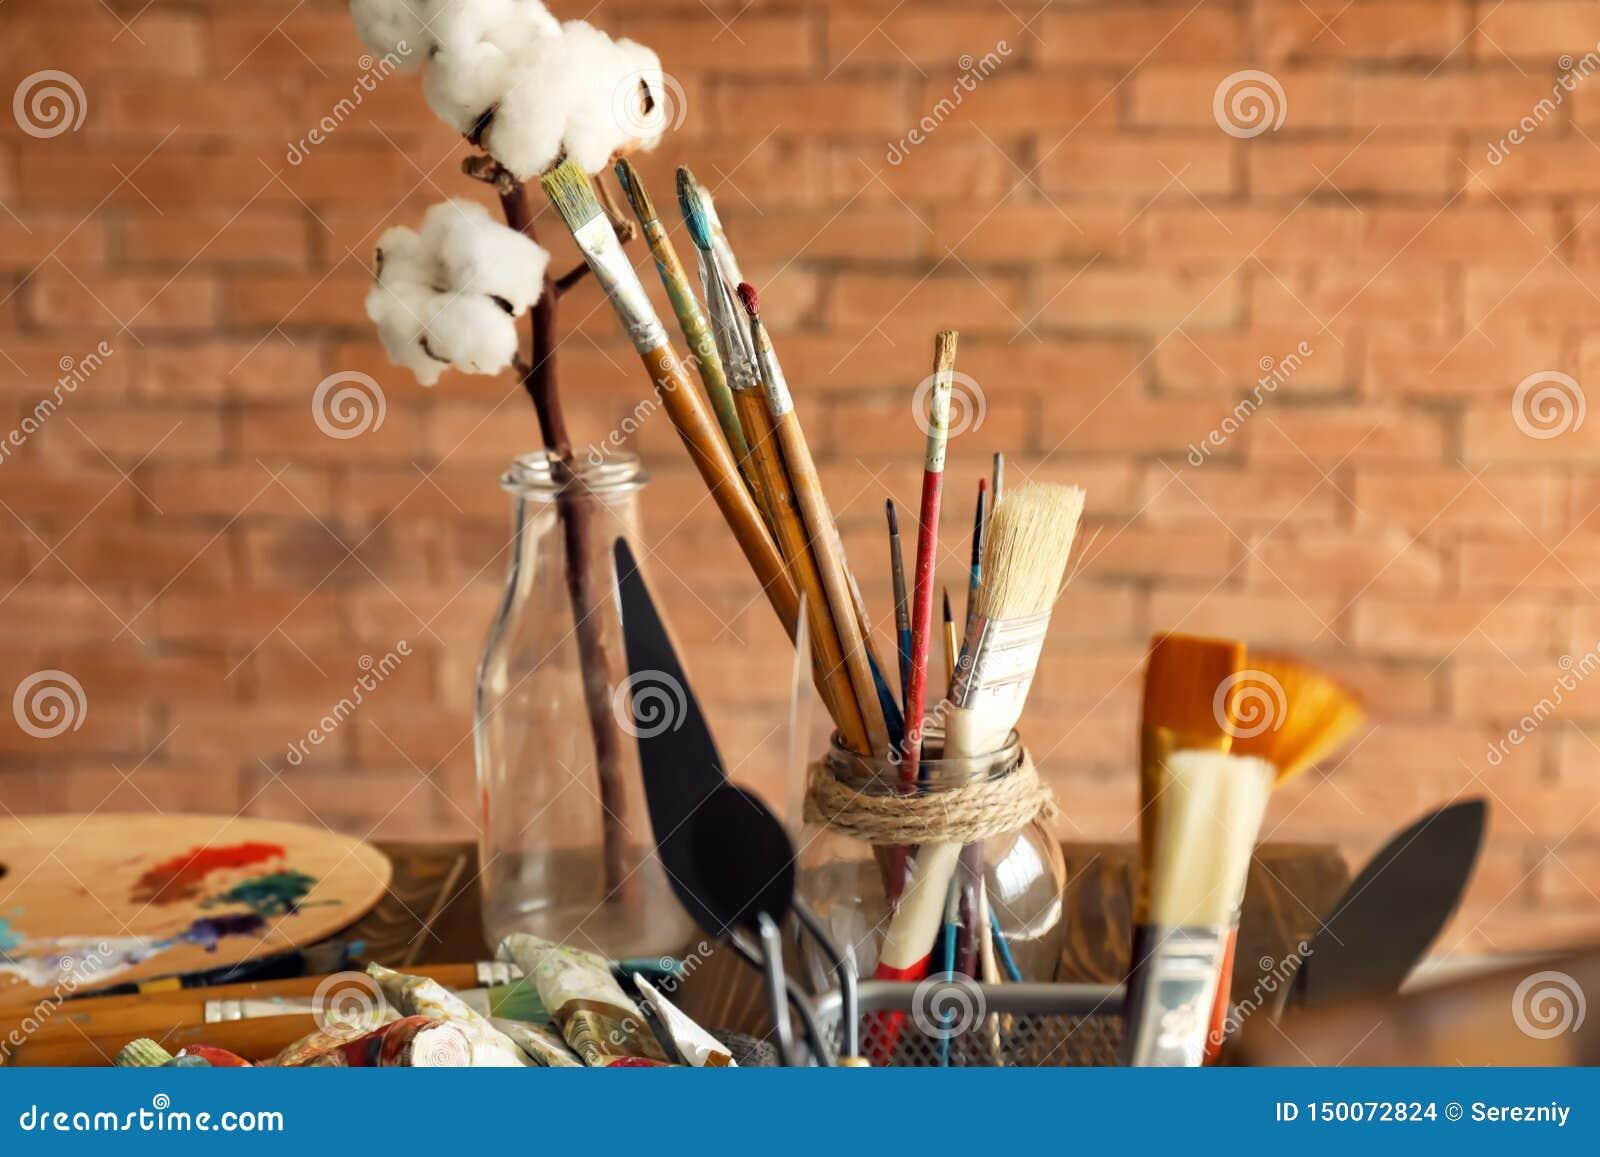 Краски и инструменты на деревянном столе в мастерской художника